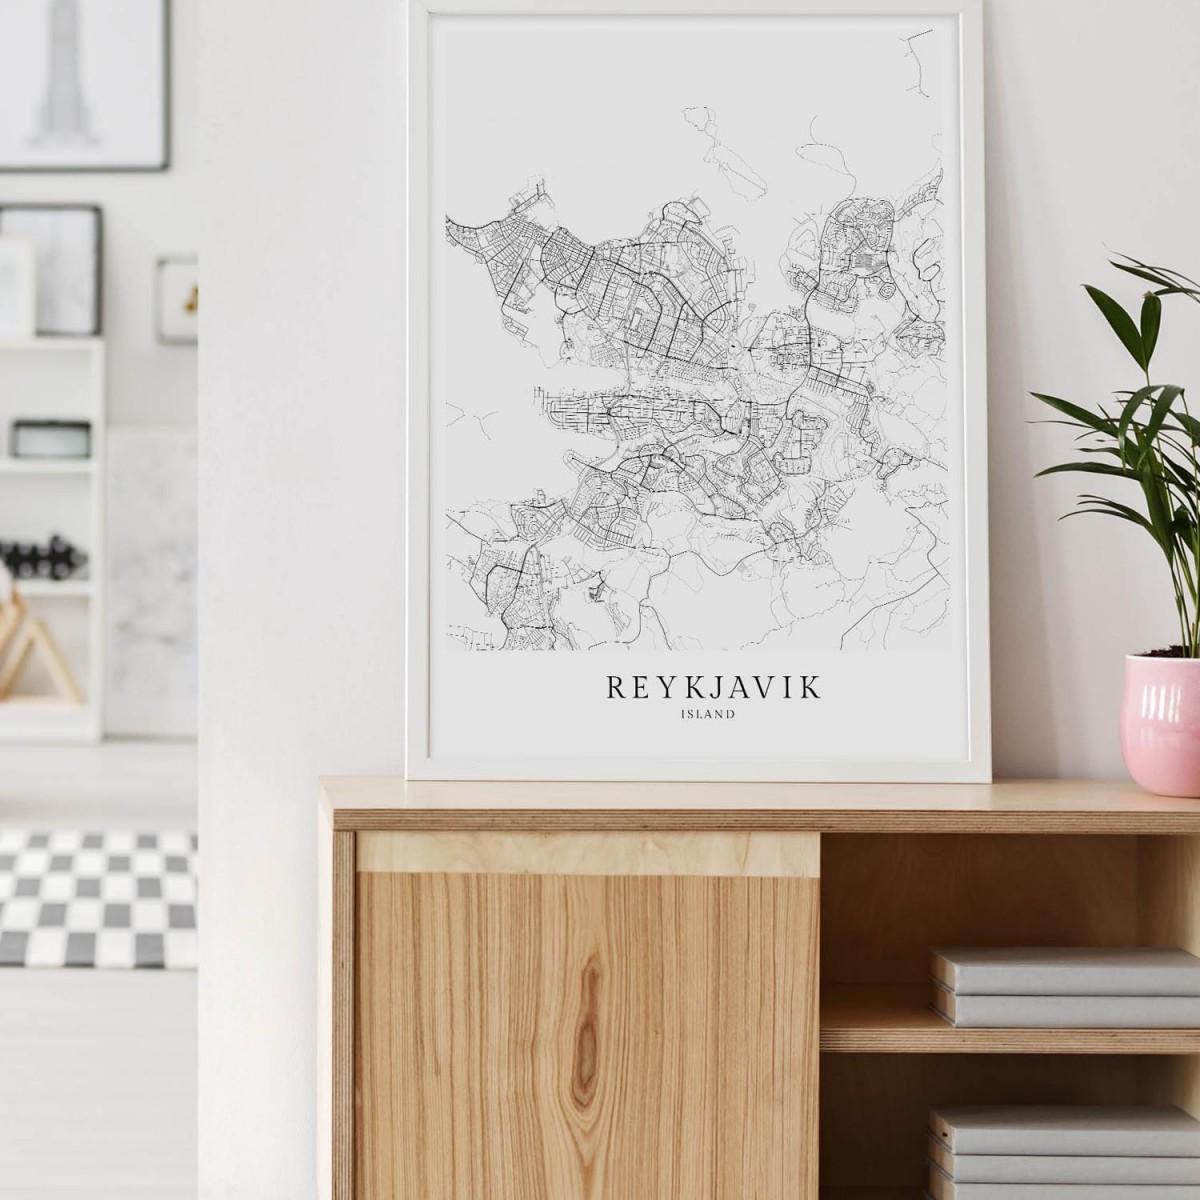 REYKJAVÍK als hochwertiges Poster im skandinavischen Stil von Skanemarie +++ Geschenkidee